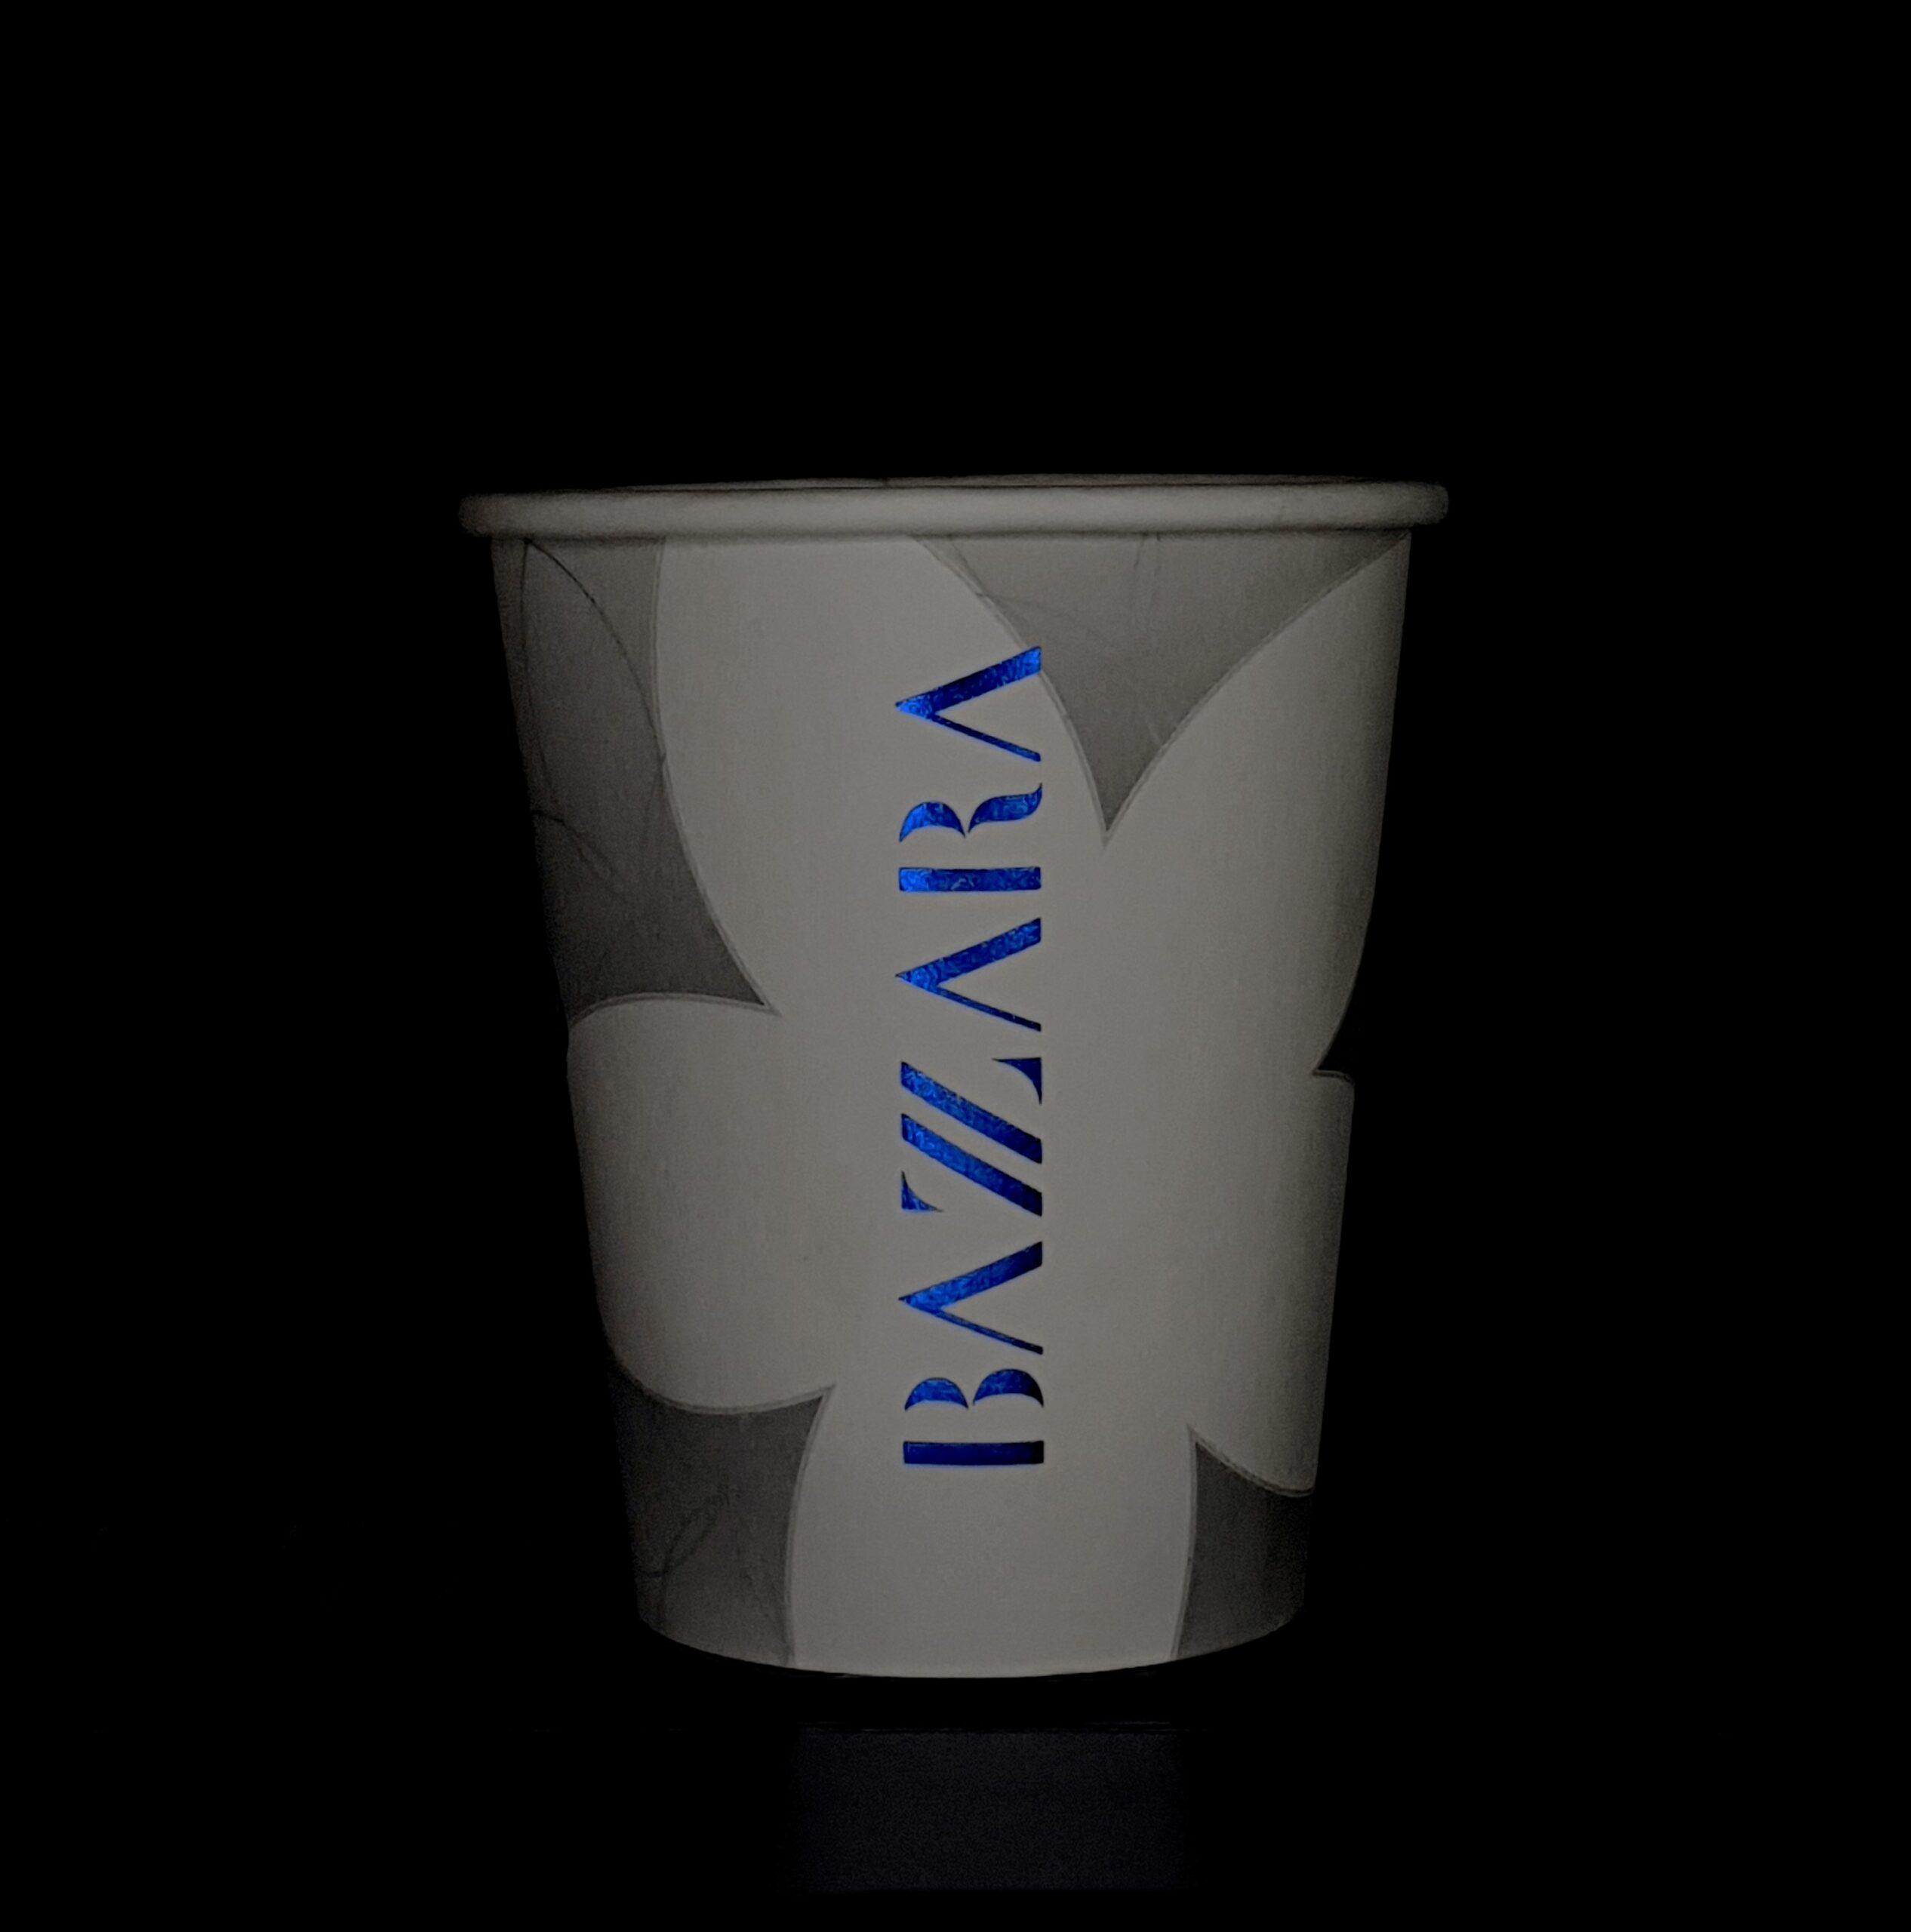 Pahare de carton Bazzara premium